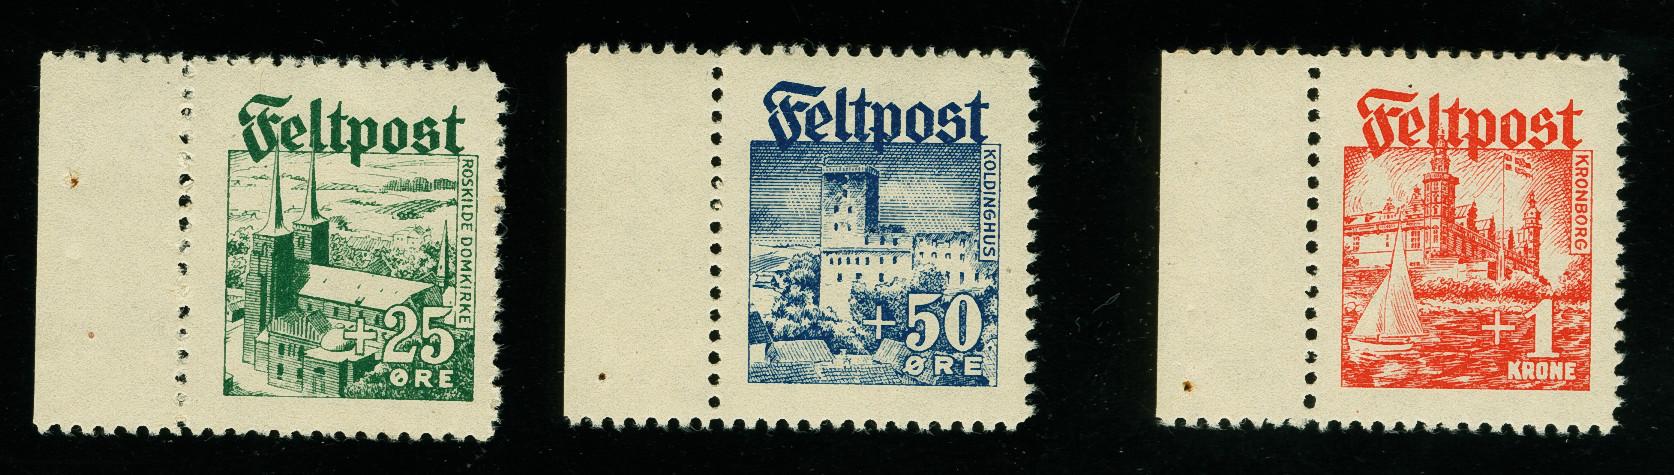 Lot 2648 - Main catalogue dänische legion - Heinrich Koehler Auktionen  Auction #367- Day